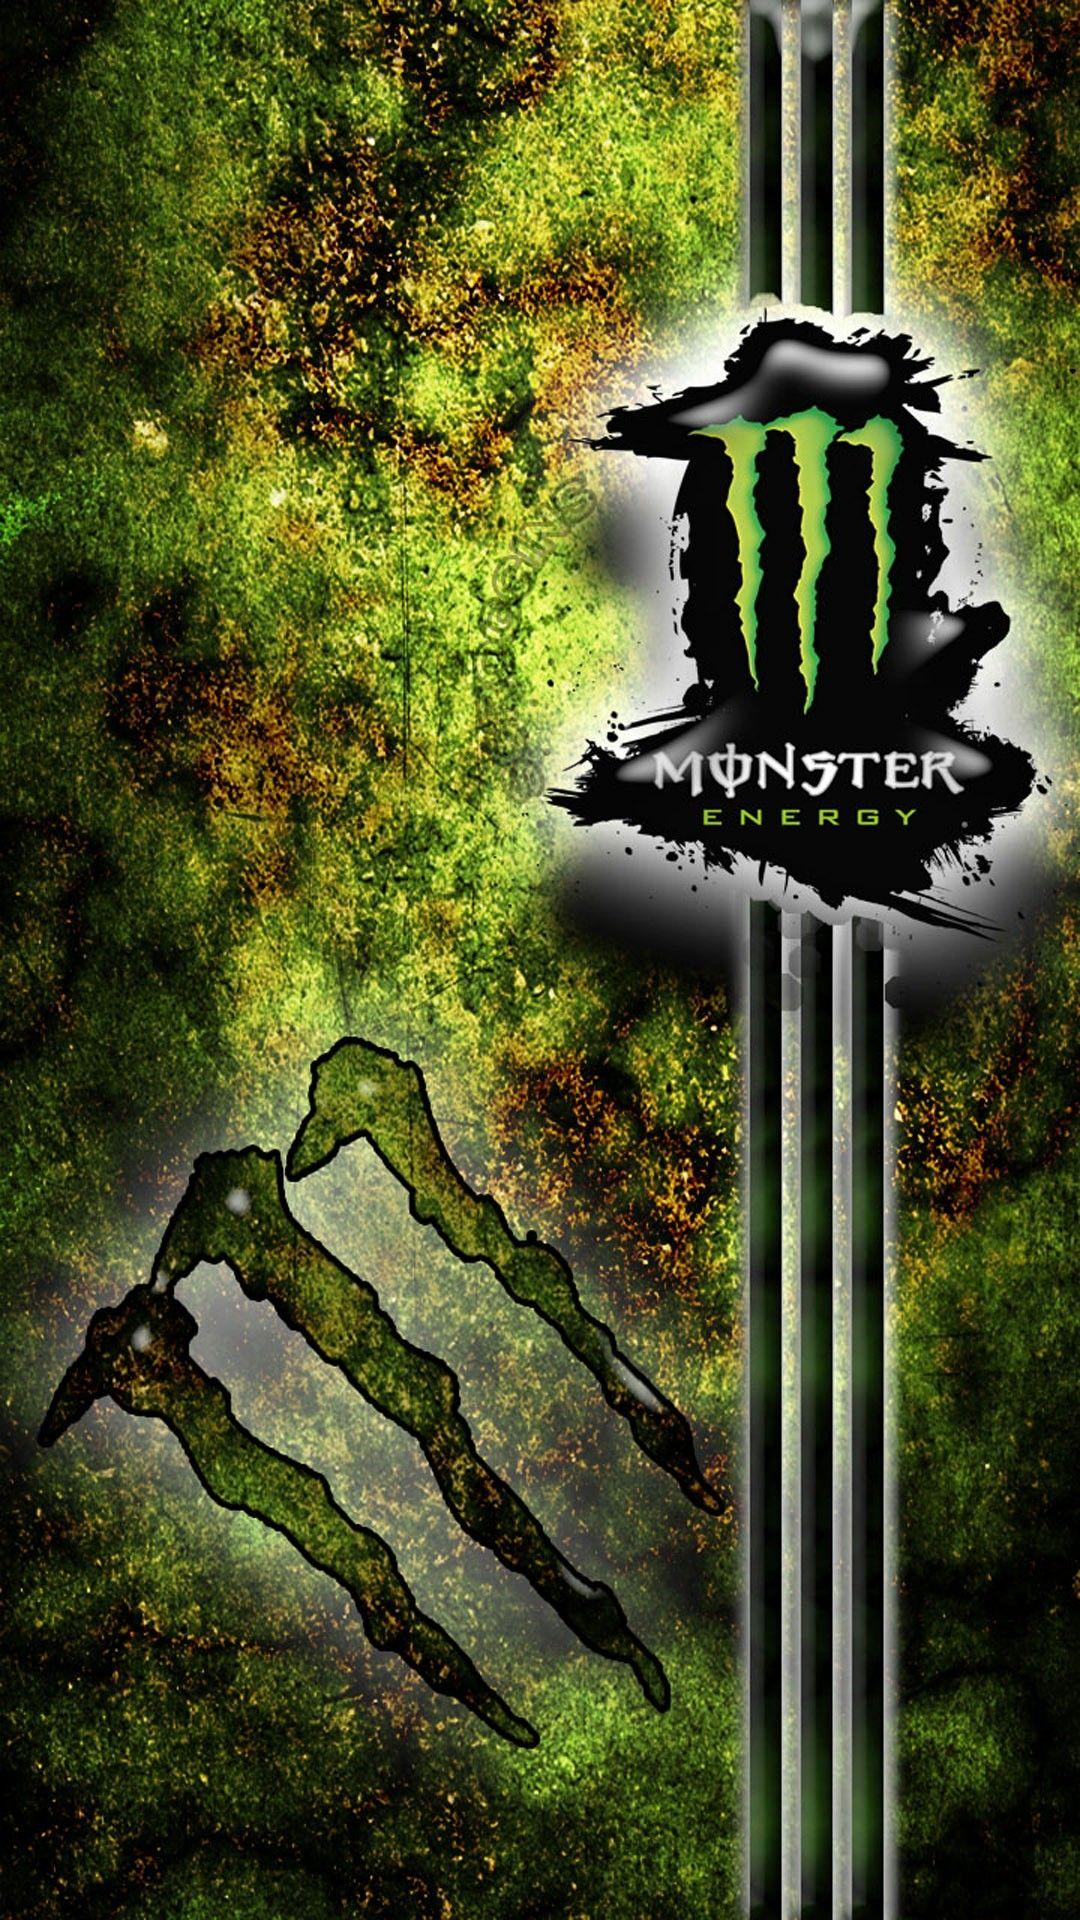 Pin By Jamie Jones On Monster Energy/Fox Racing In 2019